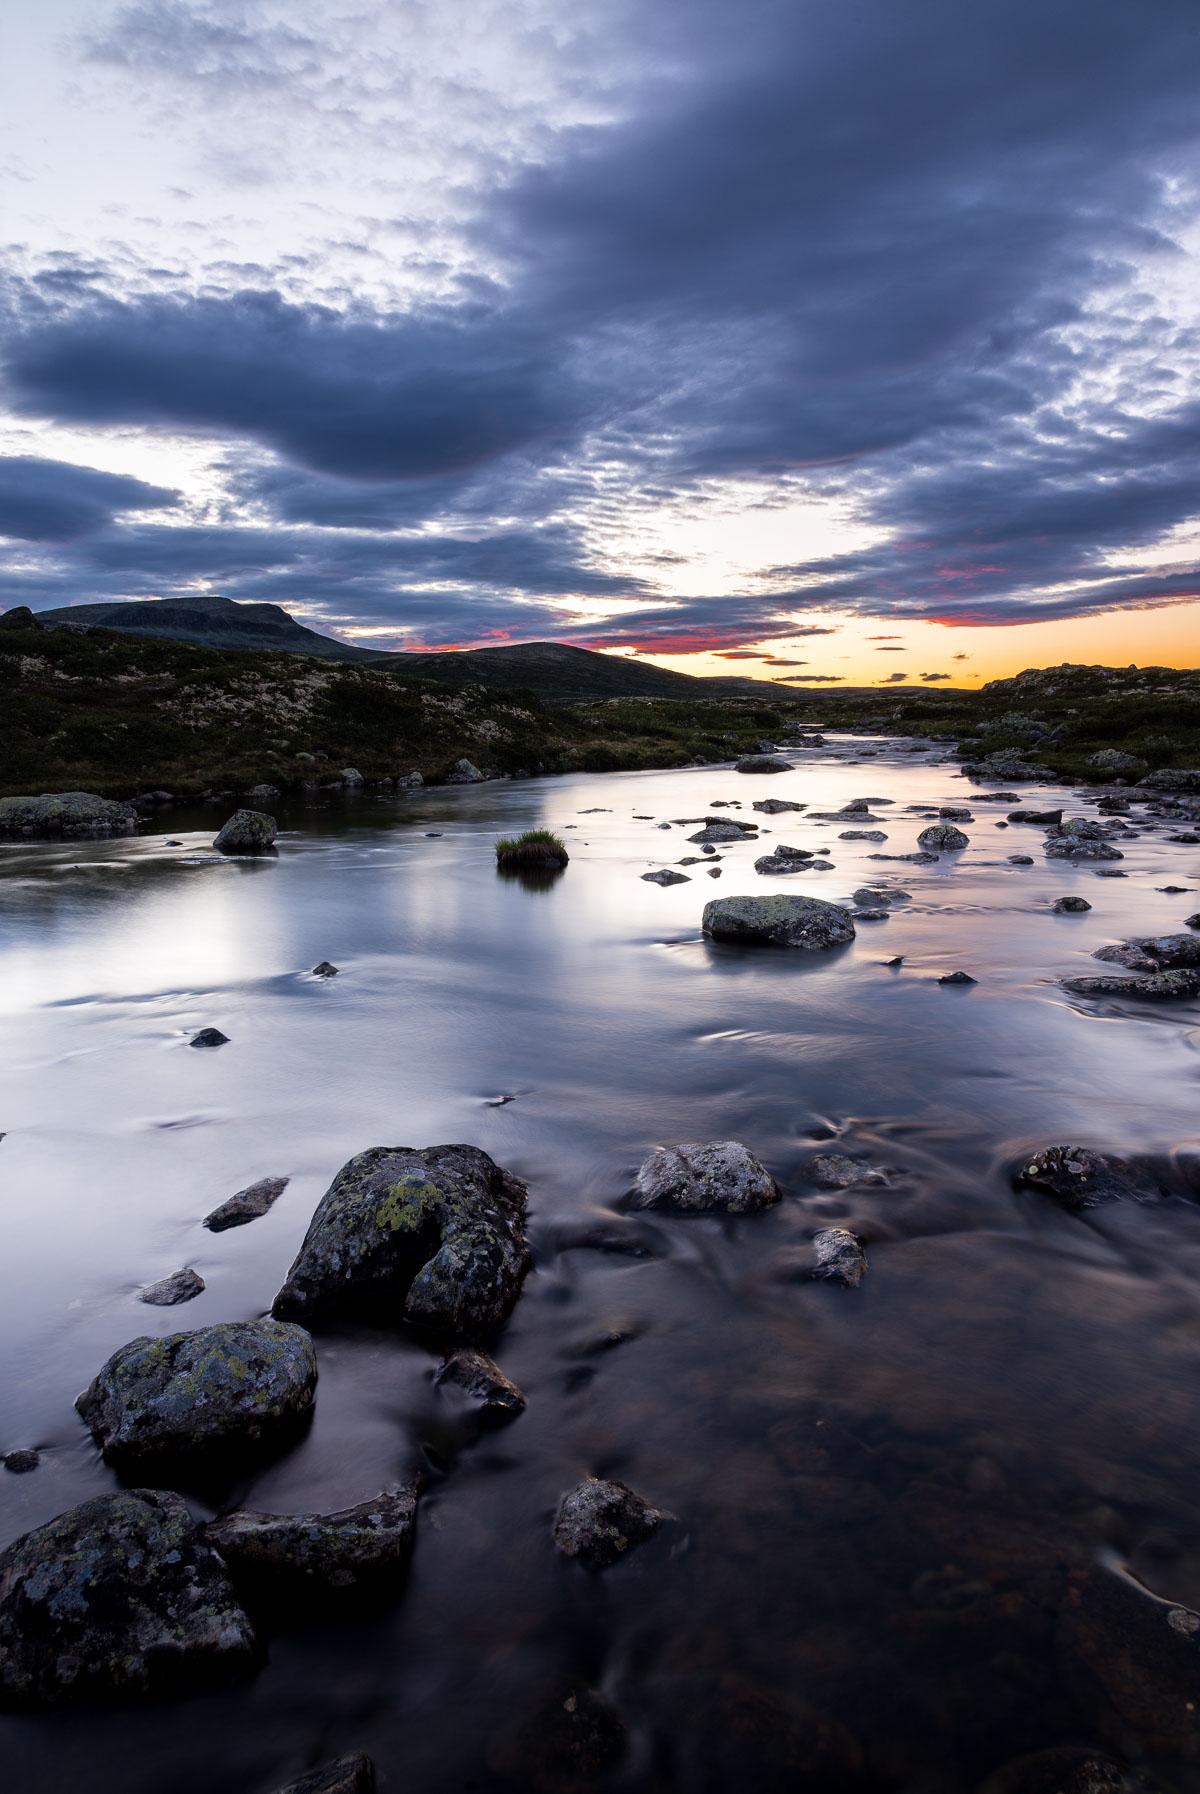 Muvatnet. Oppland Norway